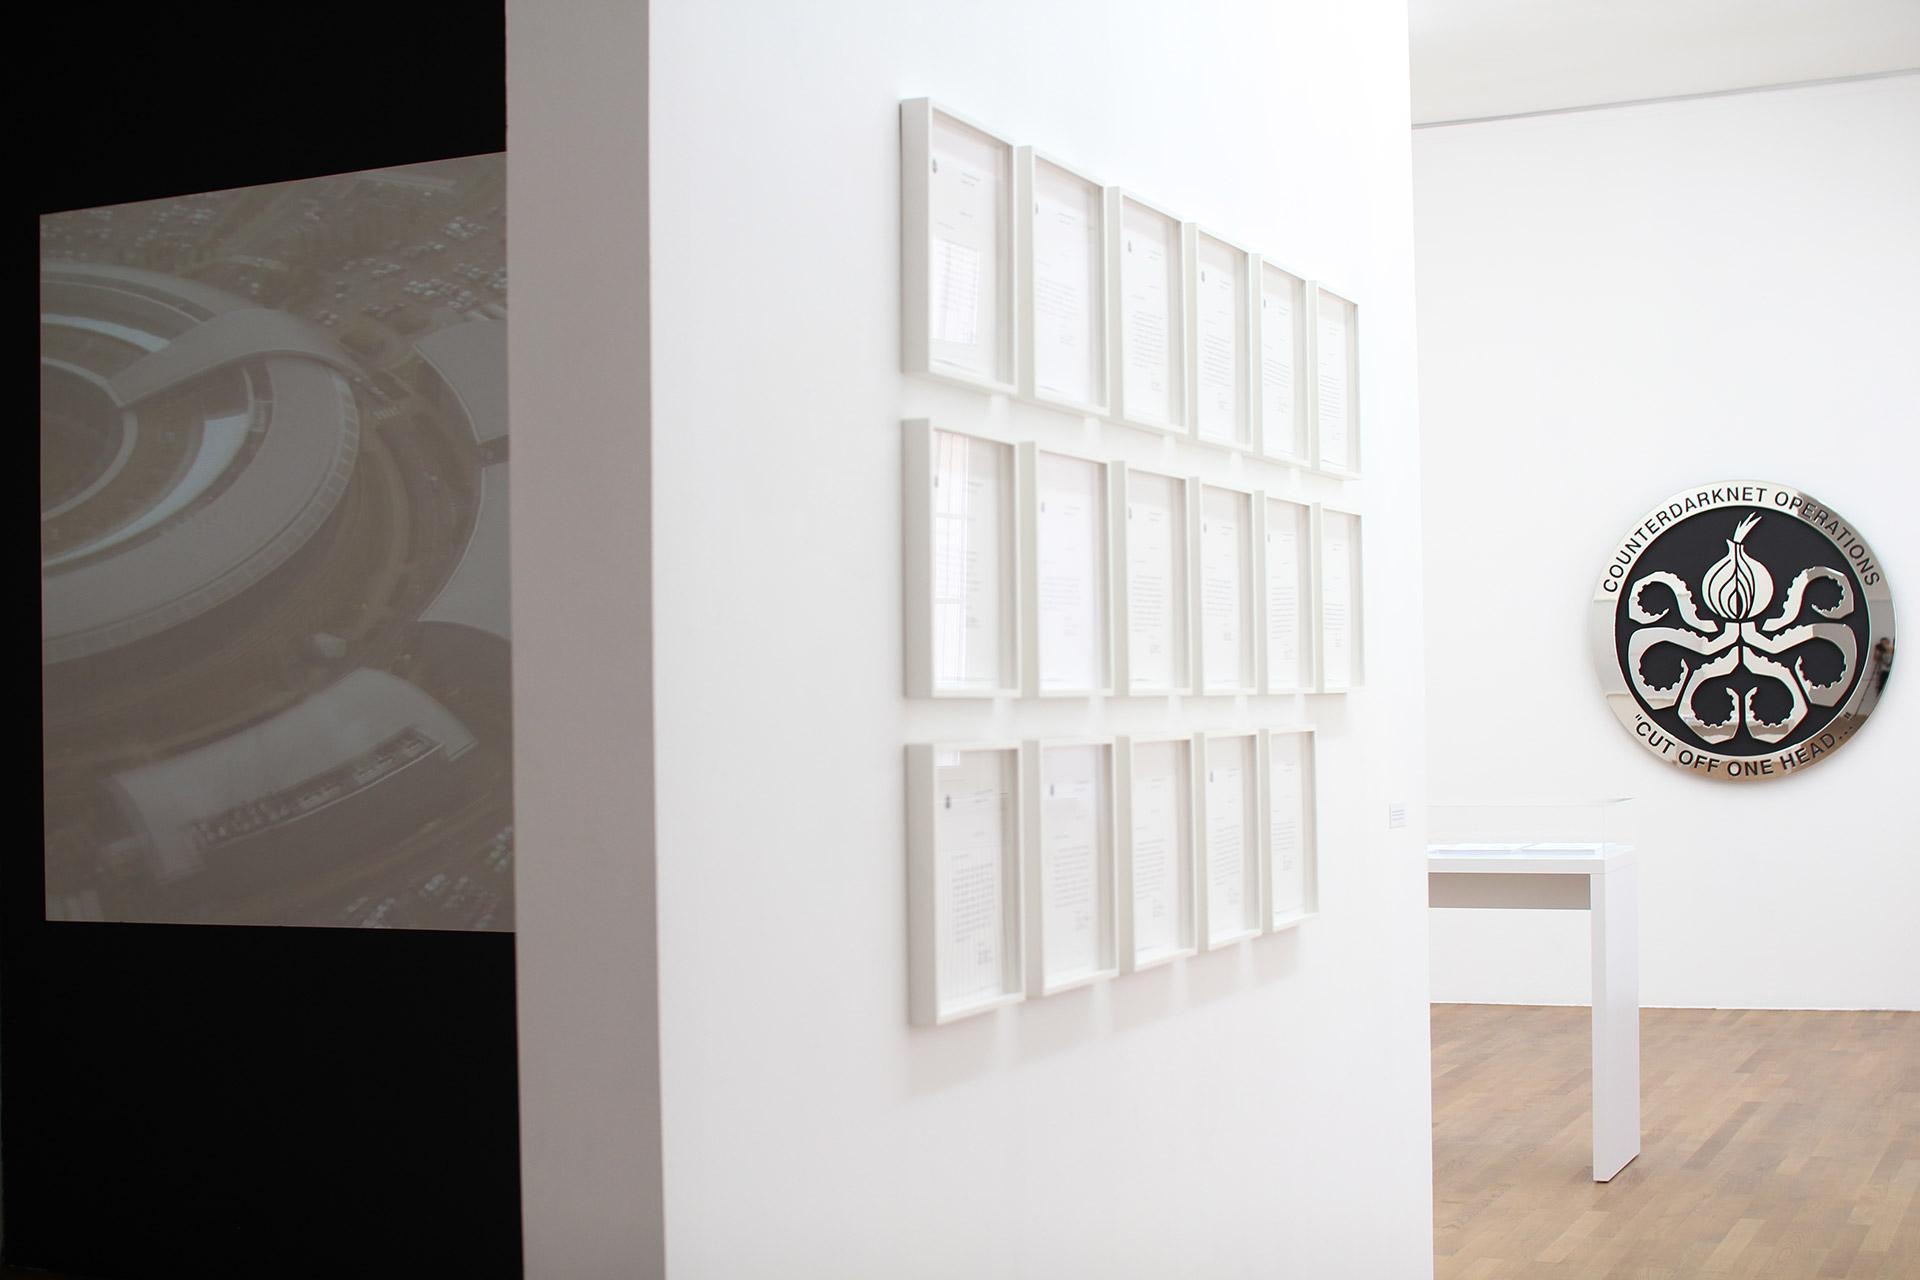 Kunsthalle-Winterthur-Trevor-Paglen-3.jpg